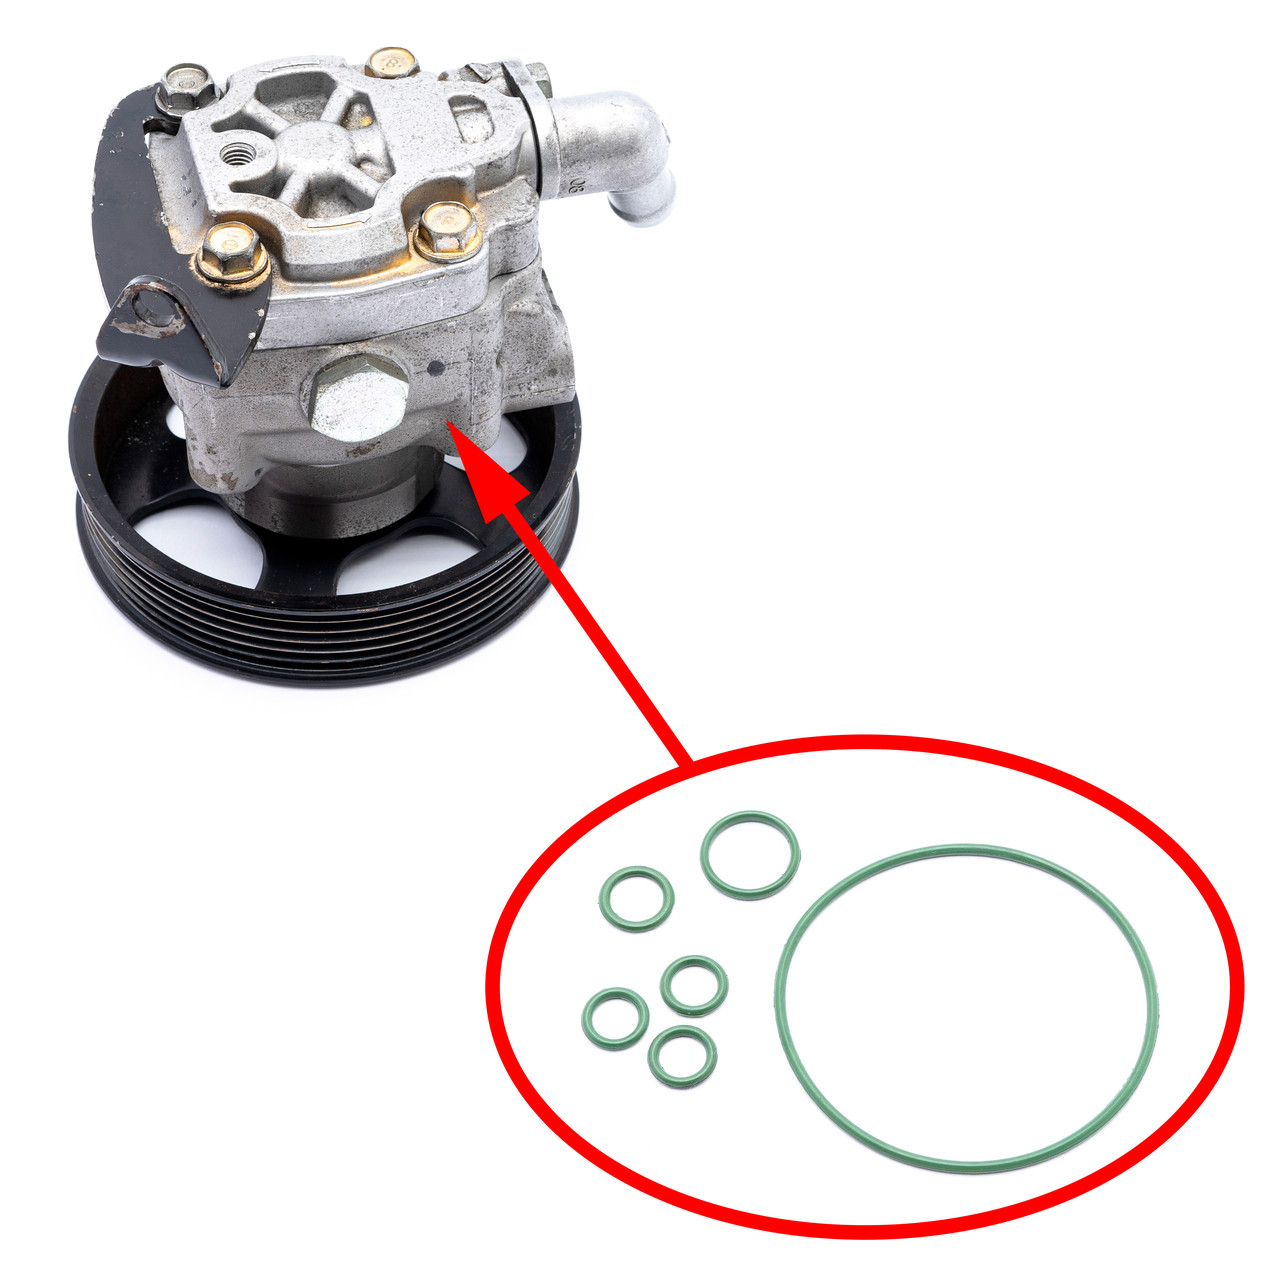 Ремкомплект насоса гідропідсилювача рульового управління для Volvo 4.4 L V8 XC90 S80 2005-2011 P30741375